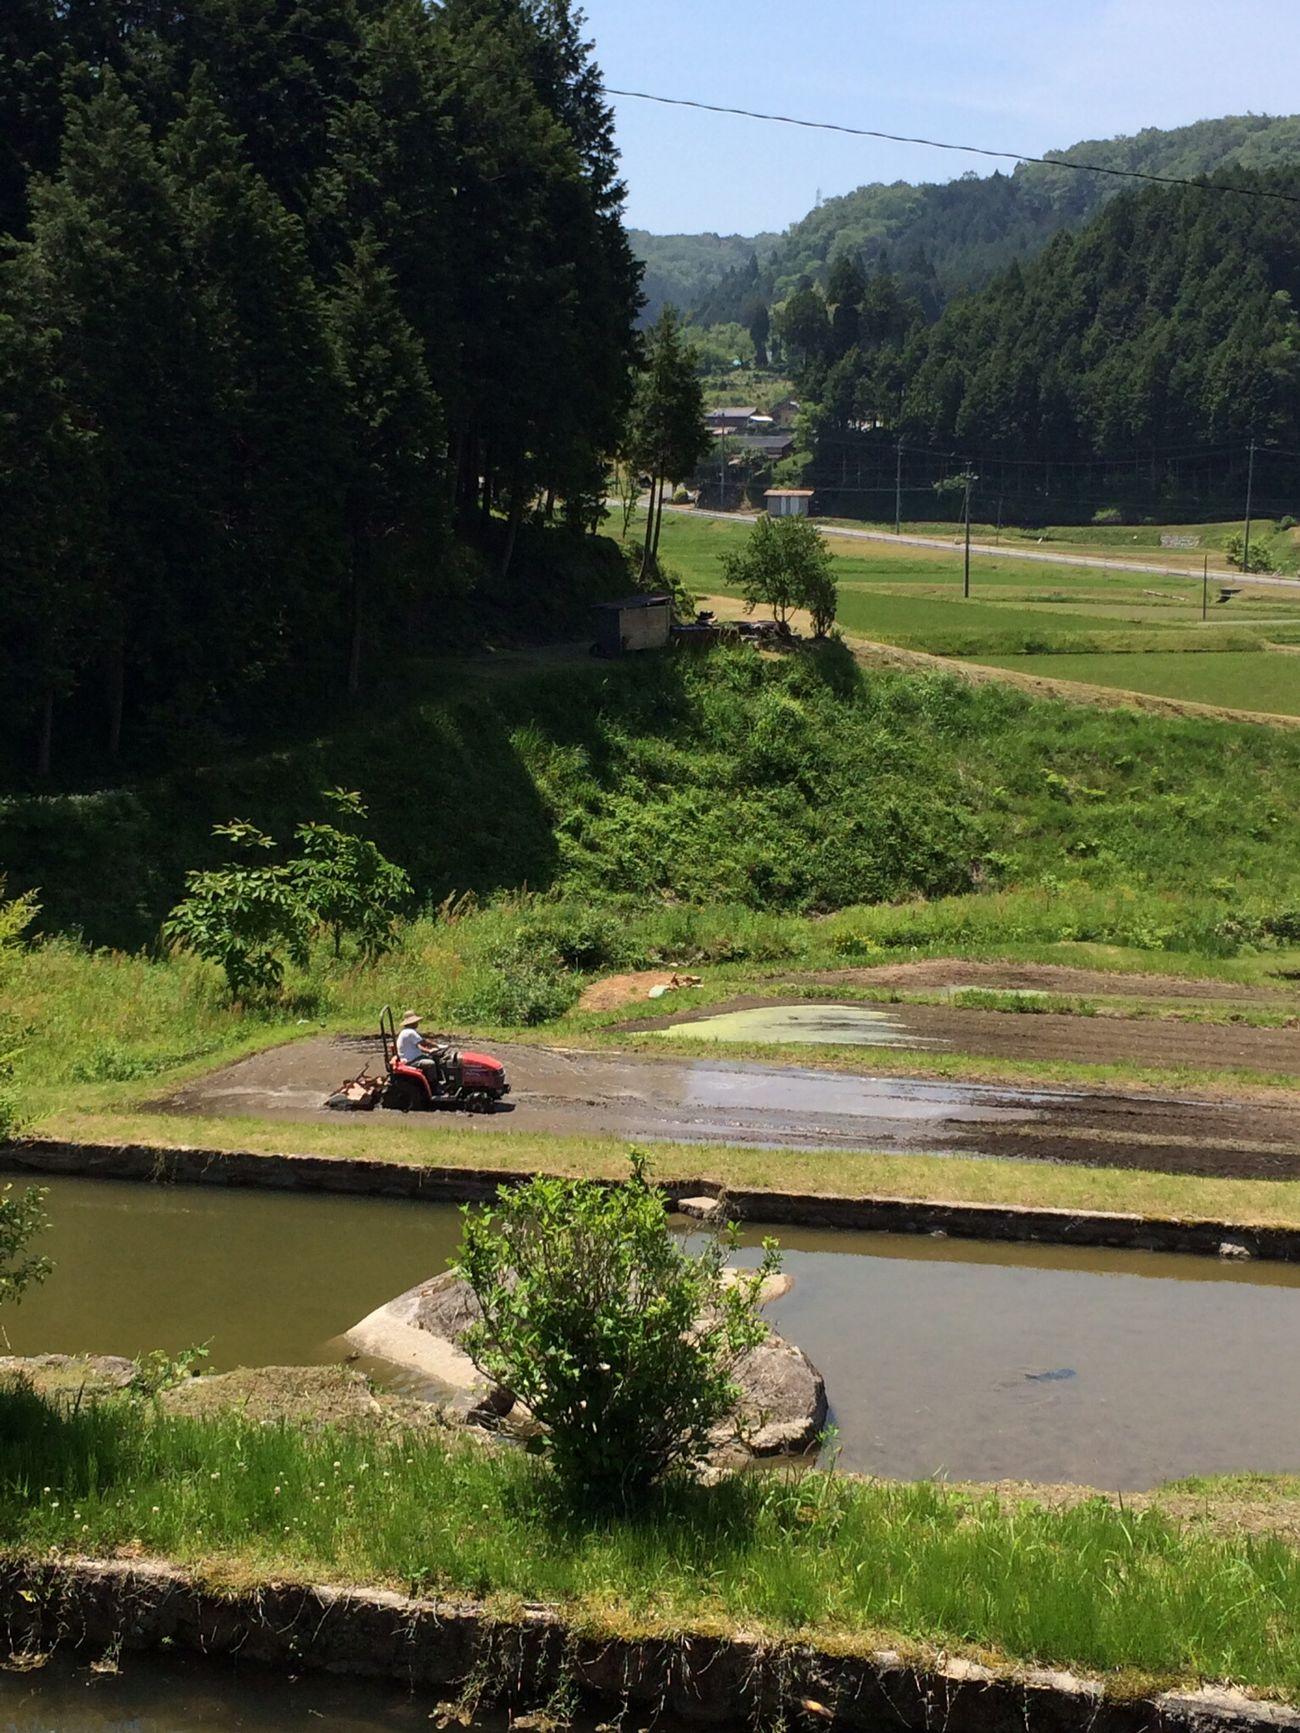 ウィークエンド百姓学校 田んぼ代掻き風景 Farmer Japan Landscape_Collection Rice Field